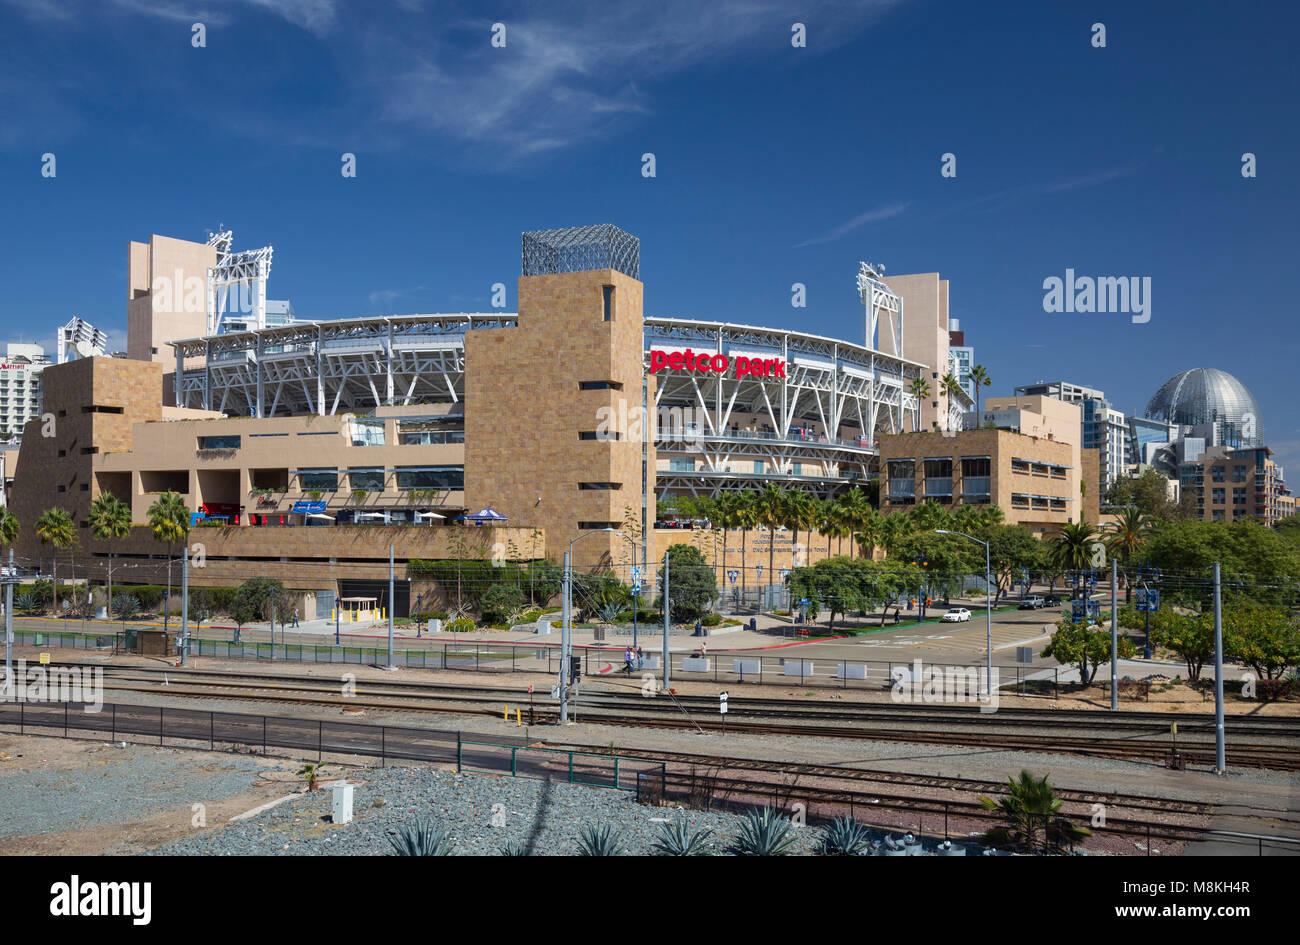 Petco Park, hogar de los San Diego Padres, California, EE.UU. Imagen De Stock